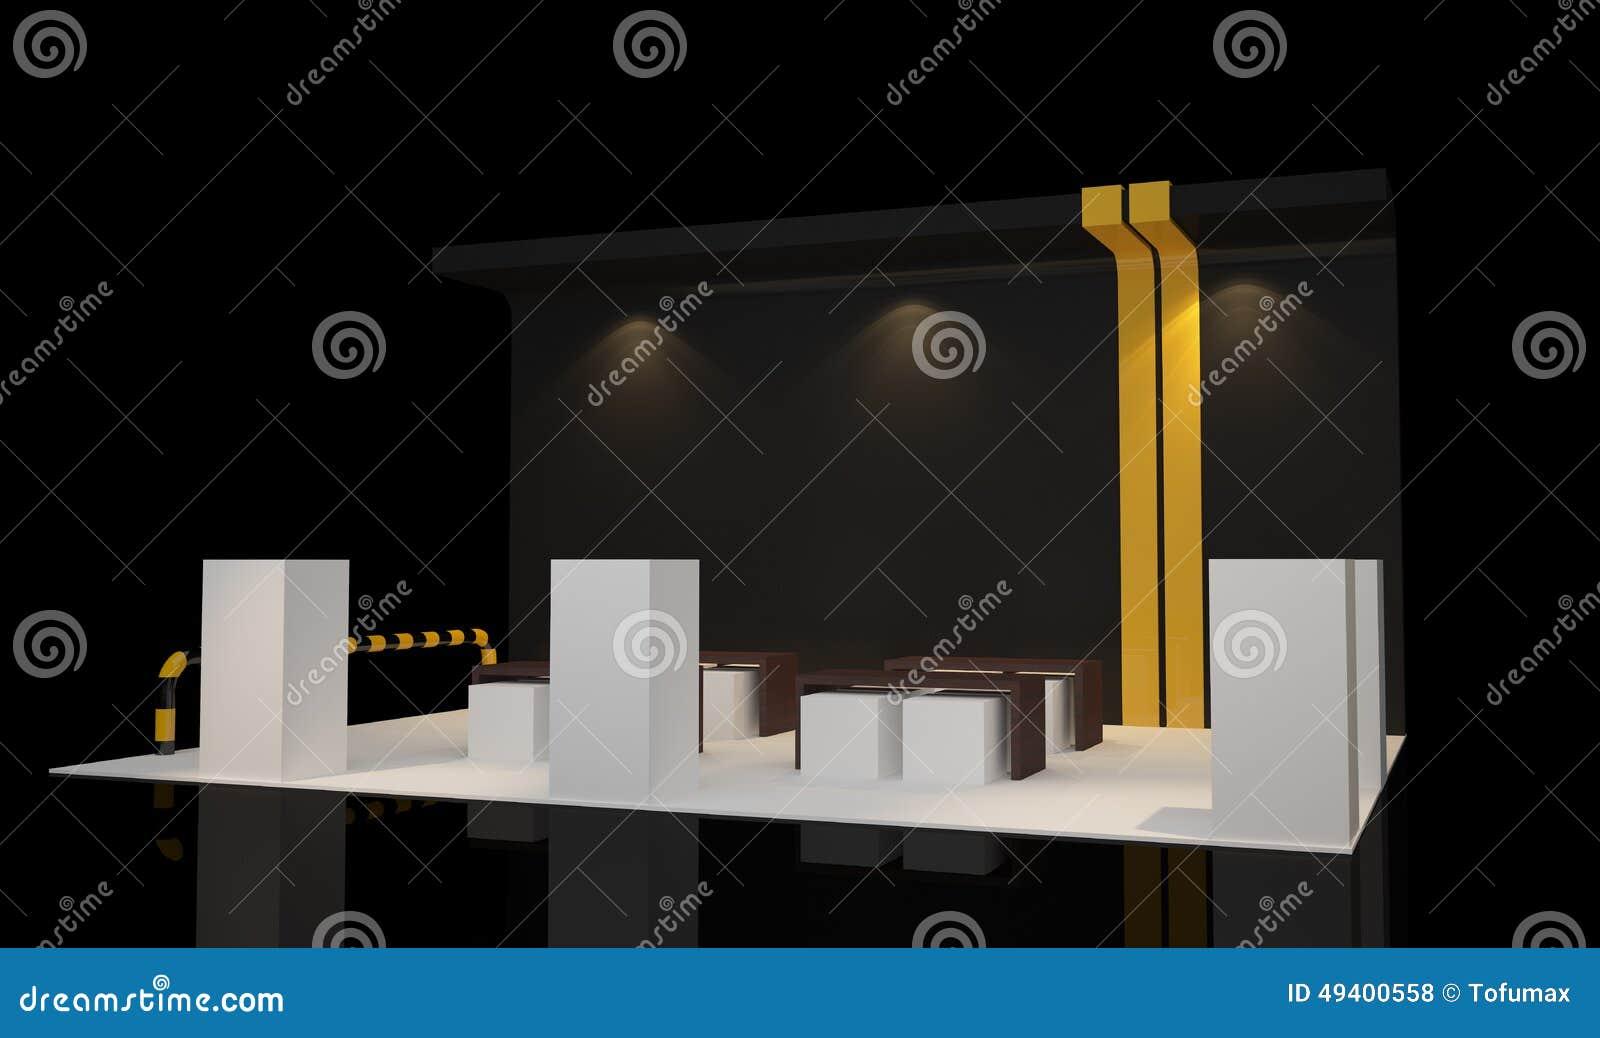 Download Standausstellung stock abbildung. Illustration von marketing - 49400558